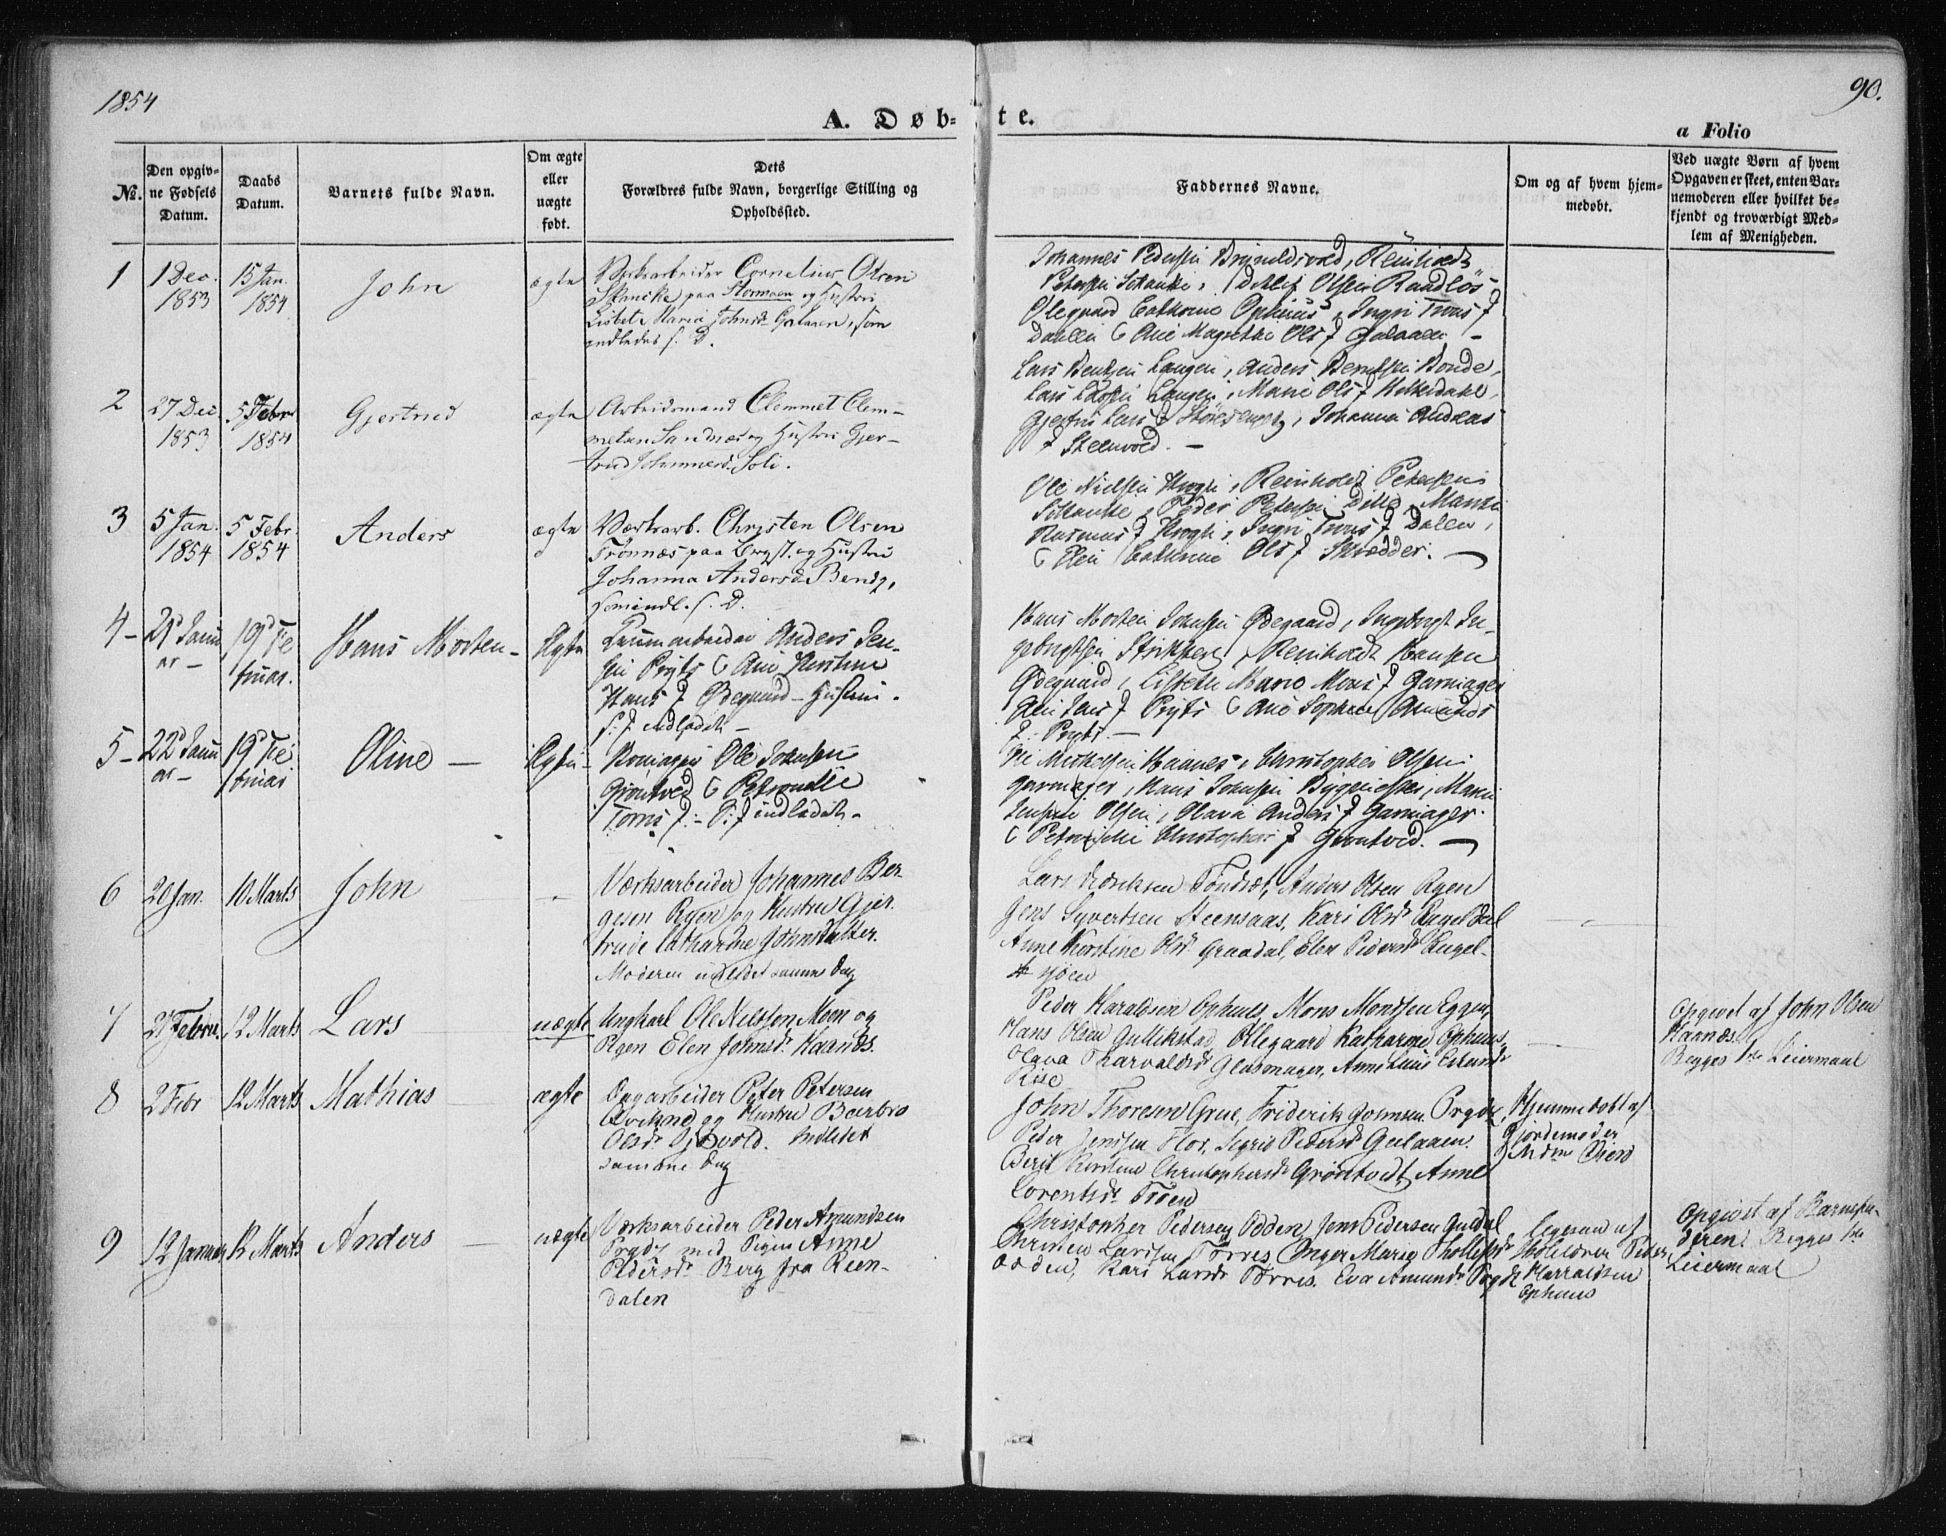 SAT, Ministerialprotokoller, klokkerbøker og fødselsregistre - Sør-Trøndelag, 681/L0931: Ministerialbok nr. 681A09, 1845-1859, s. 90